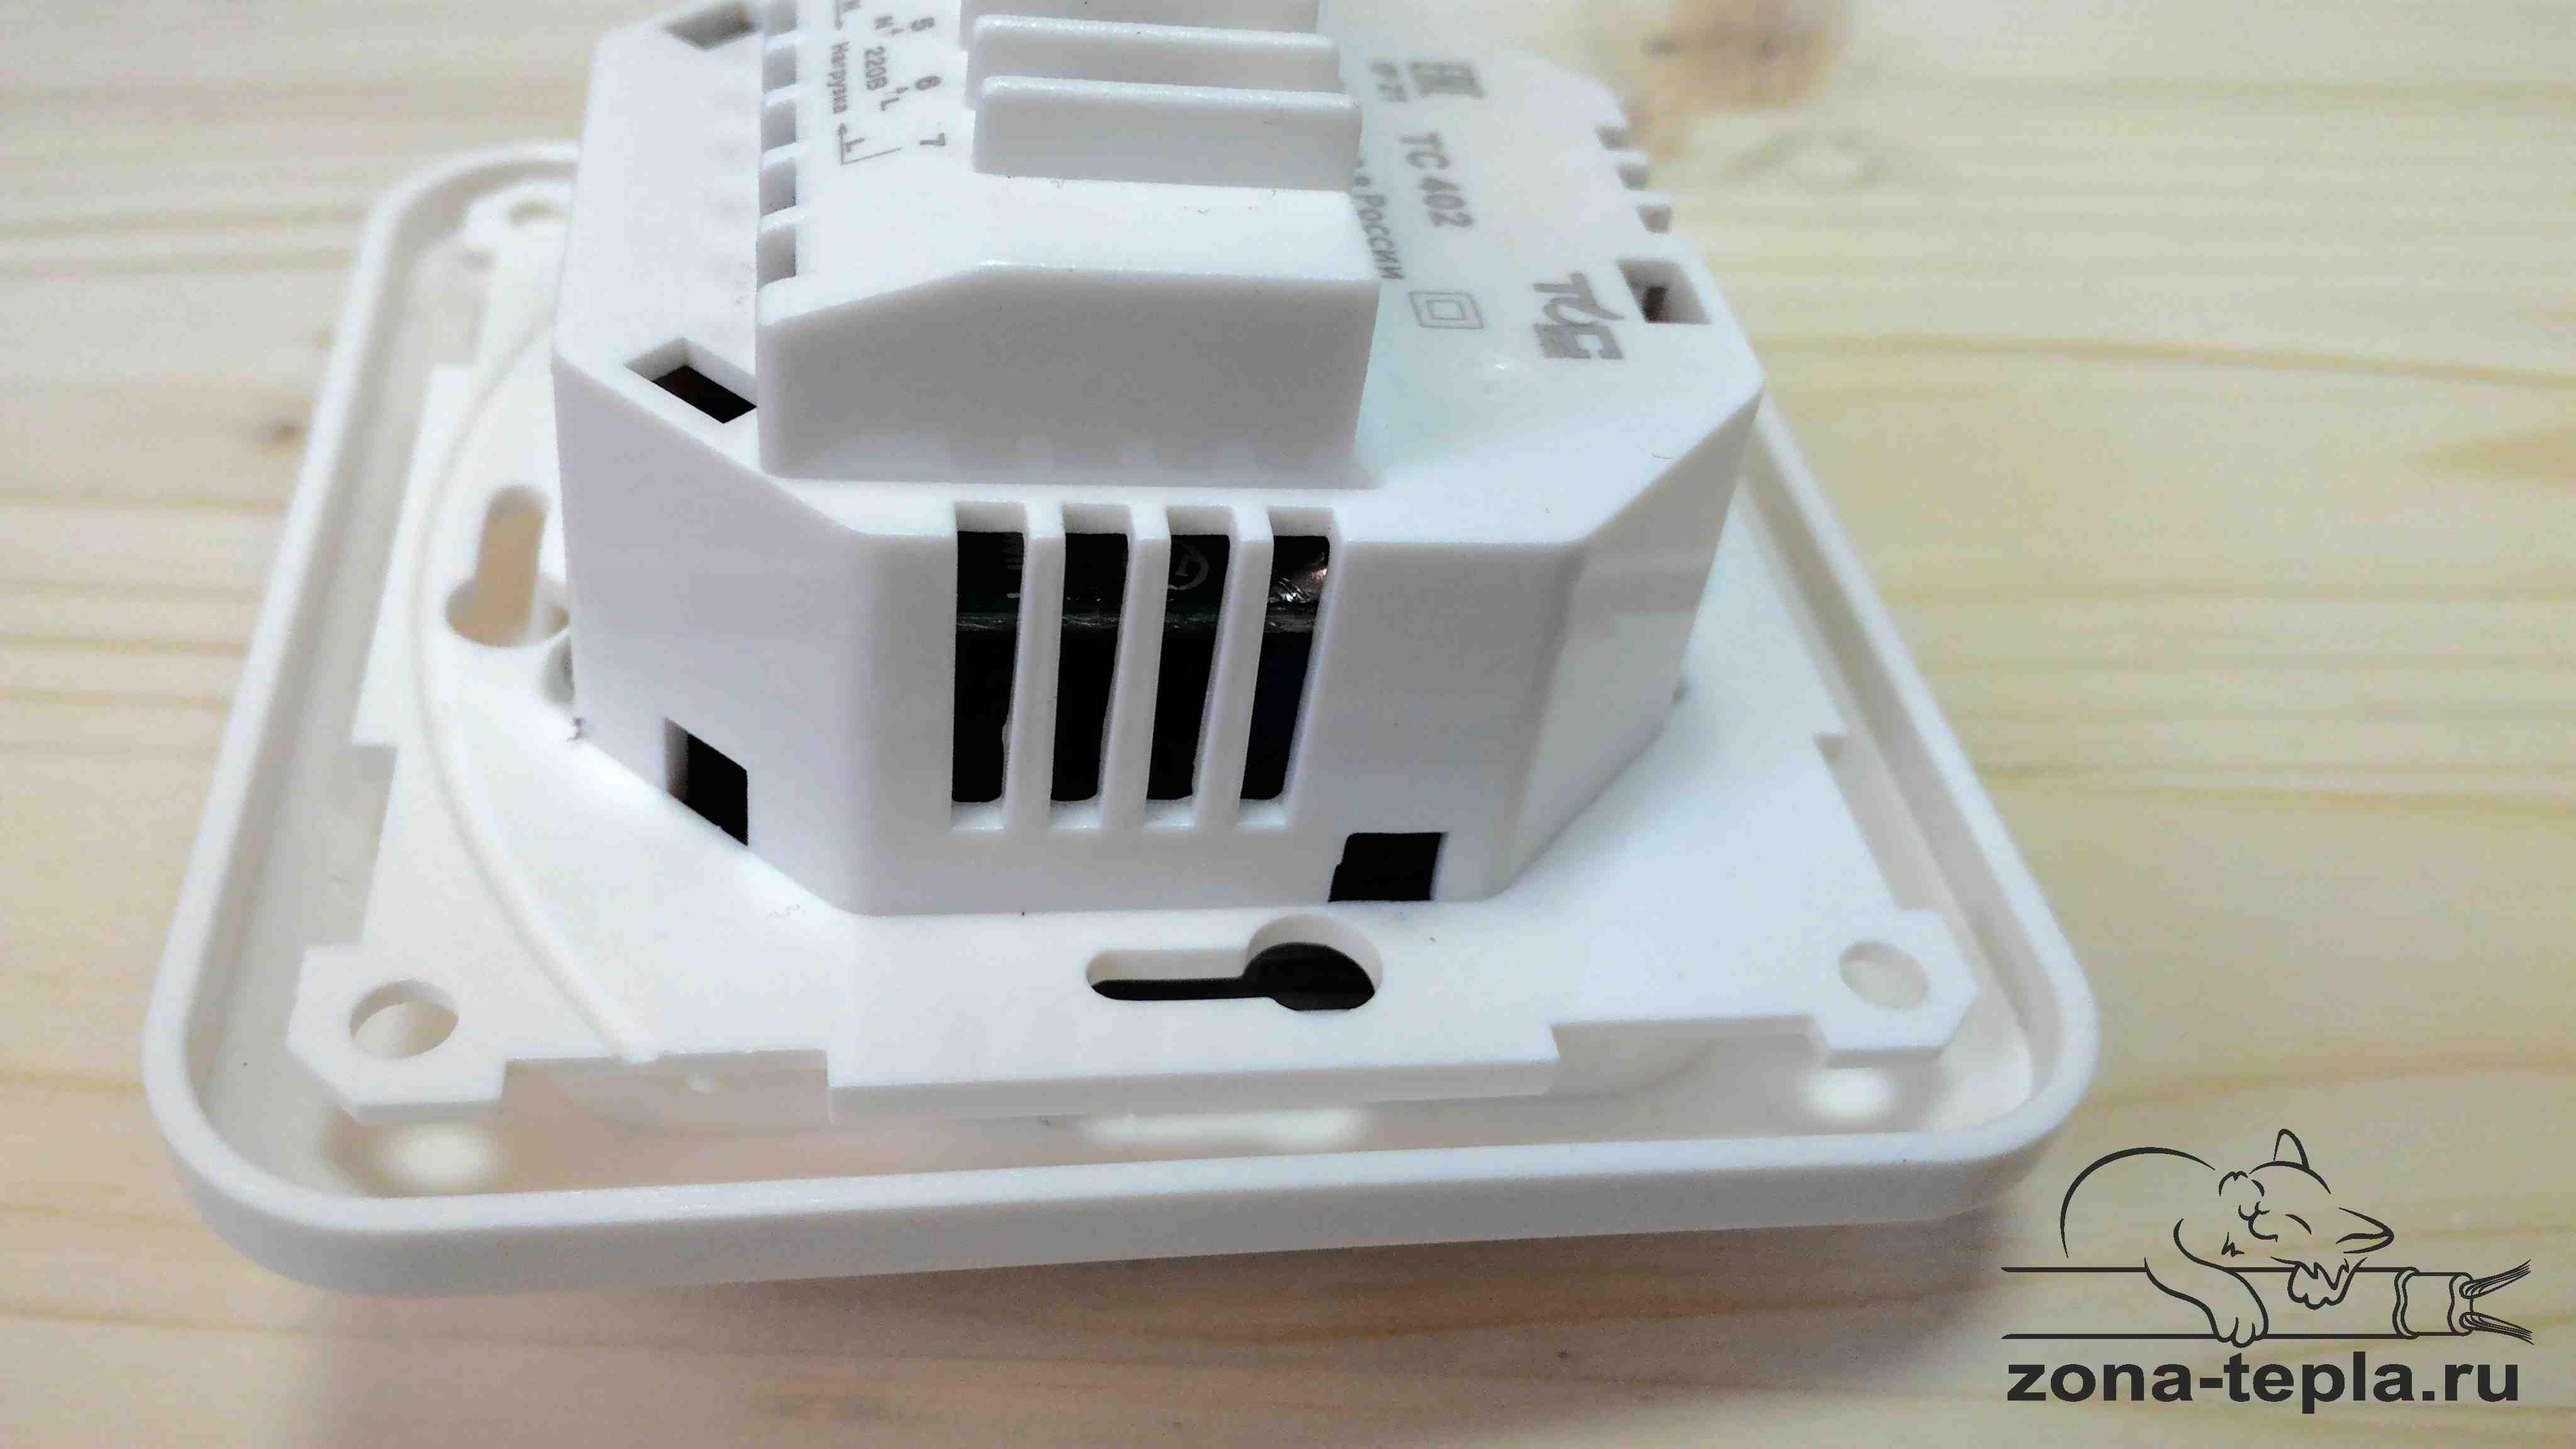 Терморегулятор для теплого пола TC-402 вид сбоку